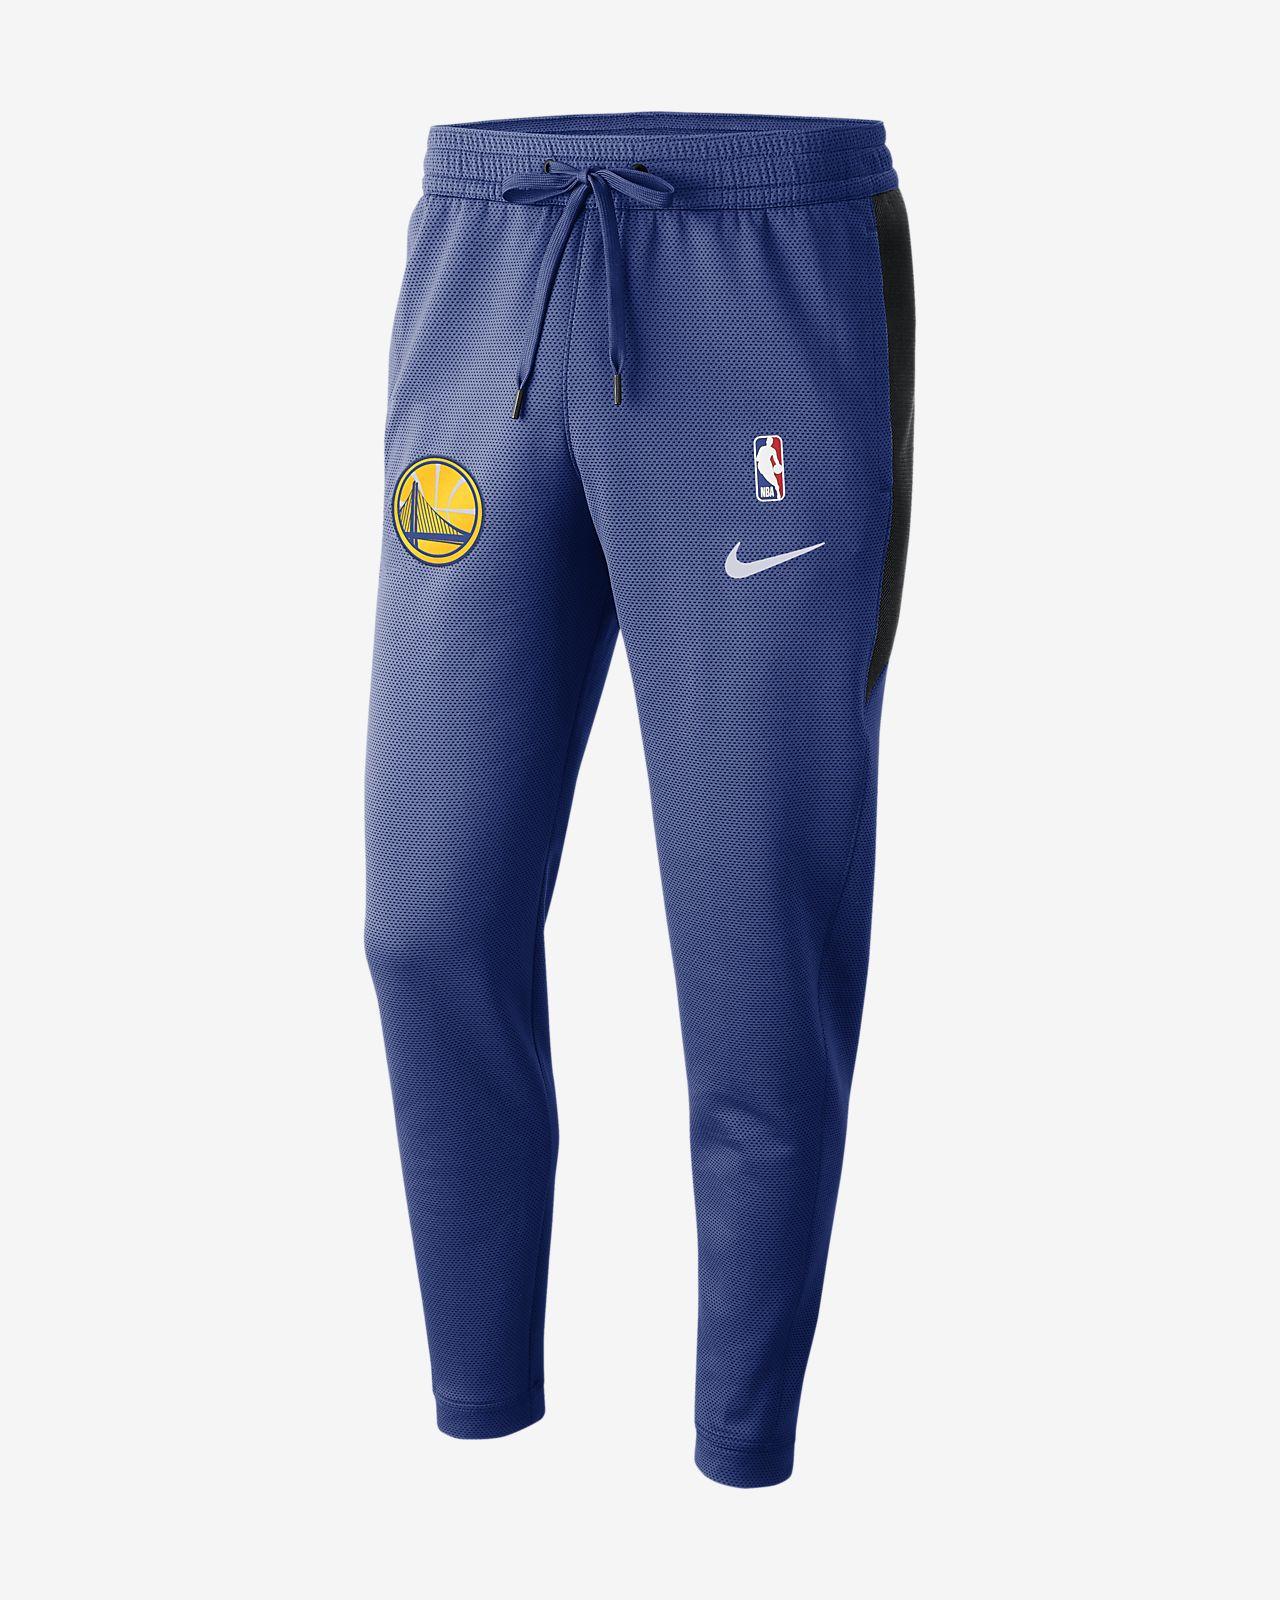 Spodnie męskie NBA Golden State Warriors Nike Therma Flex Showtime